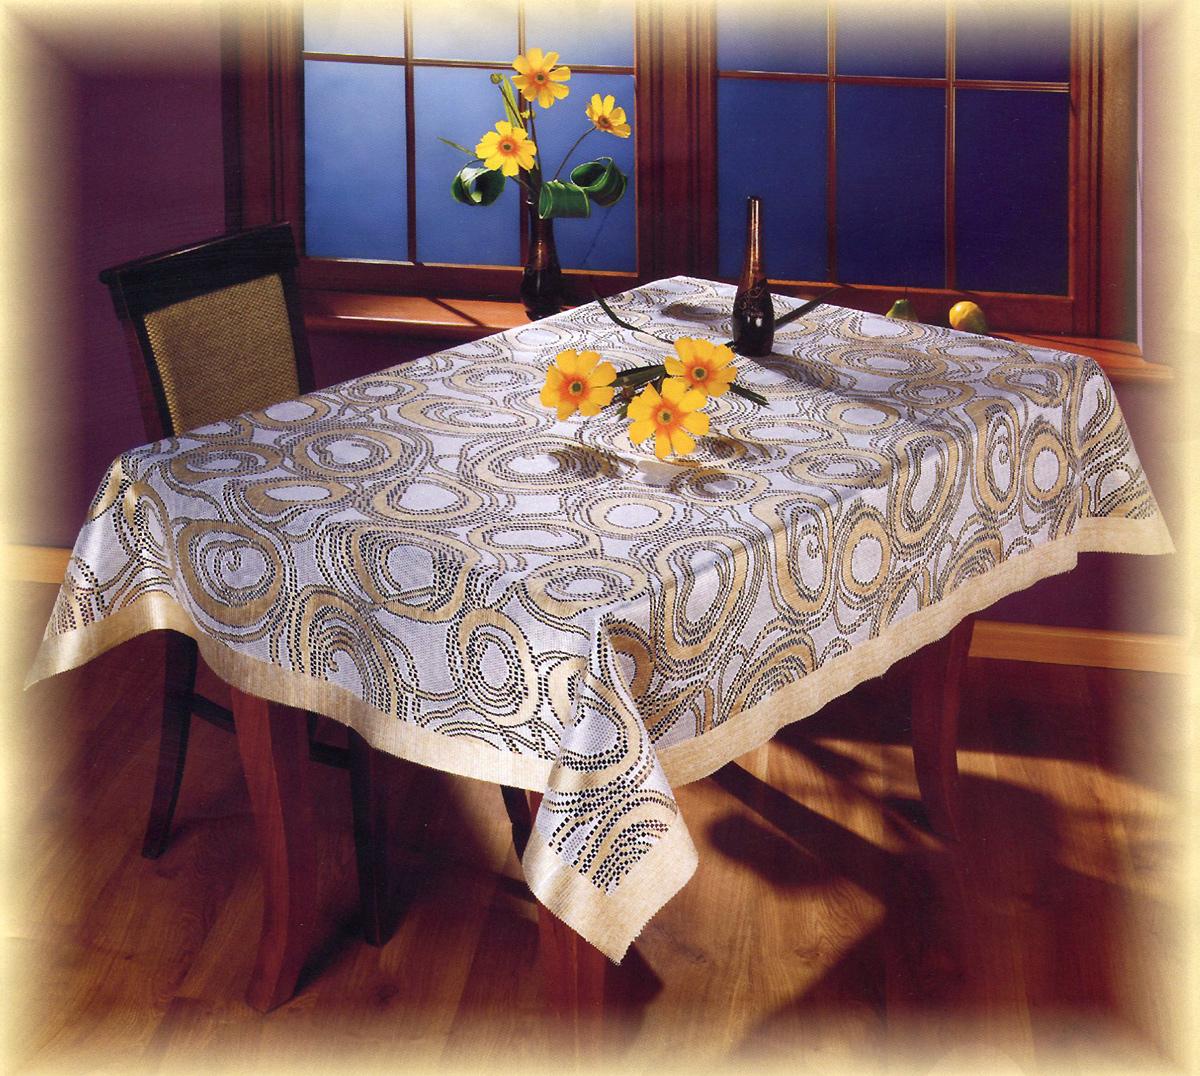 Скатерть Wisan Rufus, прямоугольная, цвет: кремовый, бежевый, 130 x 170 см8956 крем/золотоВеликолепная прямоугольная скатерть Wisan Rufus с жаккардовым плетением органично впишется в интерьер любого помещения, а оригинальный дизайн удовлетворит даже самый изысканный вкус. Изделие выполнено из полиэстера пастельных оттенков и украшено изящным орнаментом. Скатерть поможет создать атмосферу уюта и домашнего тепла в интерьере вашей кухни или комнаты, а также станет настоящим украшением праздничного стола.